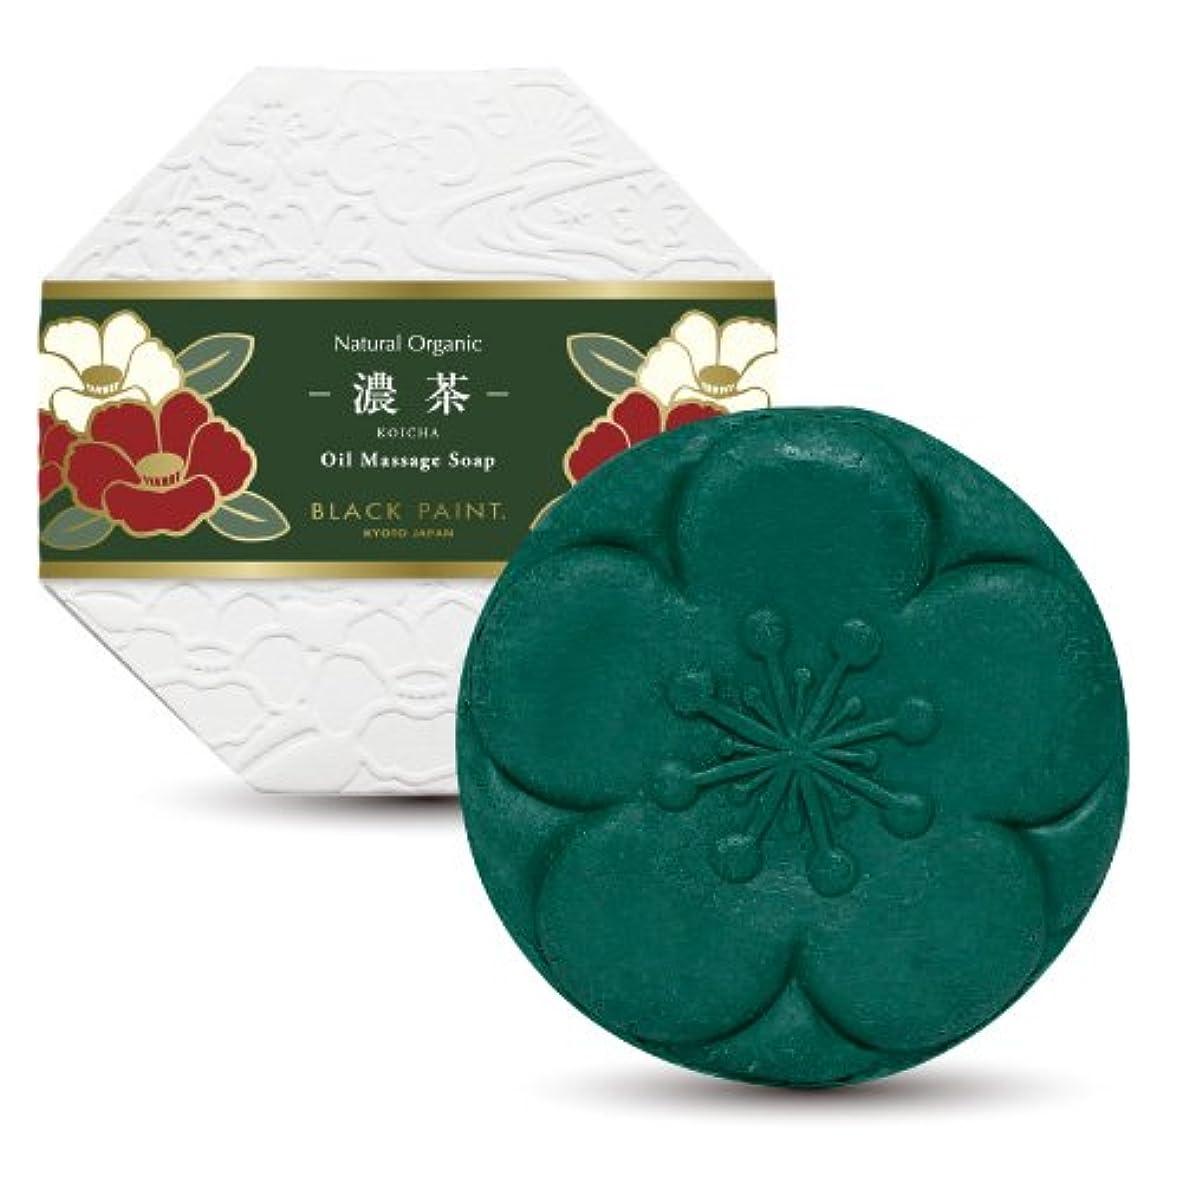 移行するもしアラブサラボ京のお茶石鹸 濃茶 120g 塗る石鹸